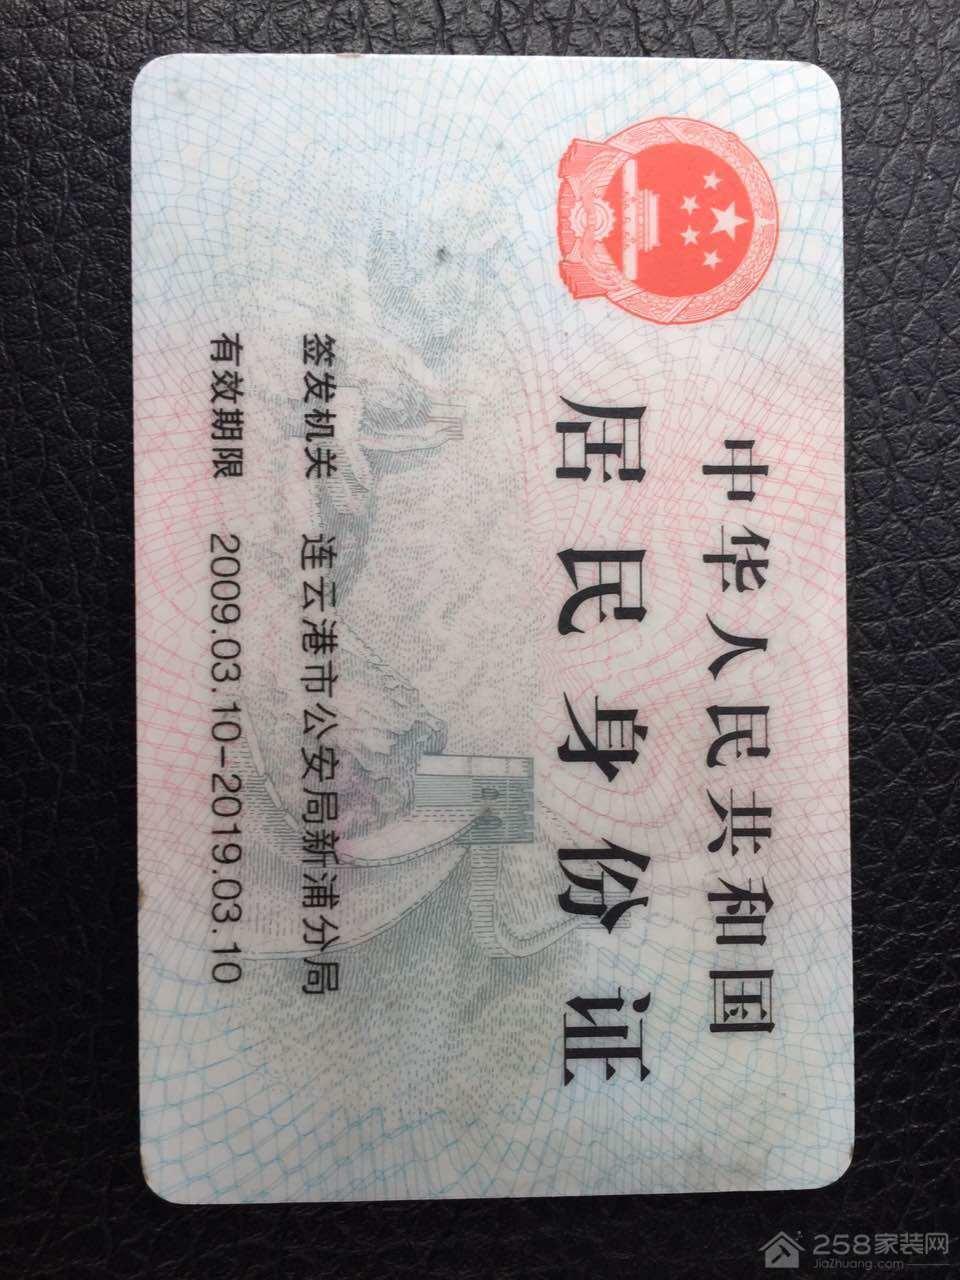 连云港大德装饰工程设计有限公司